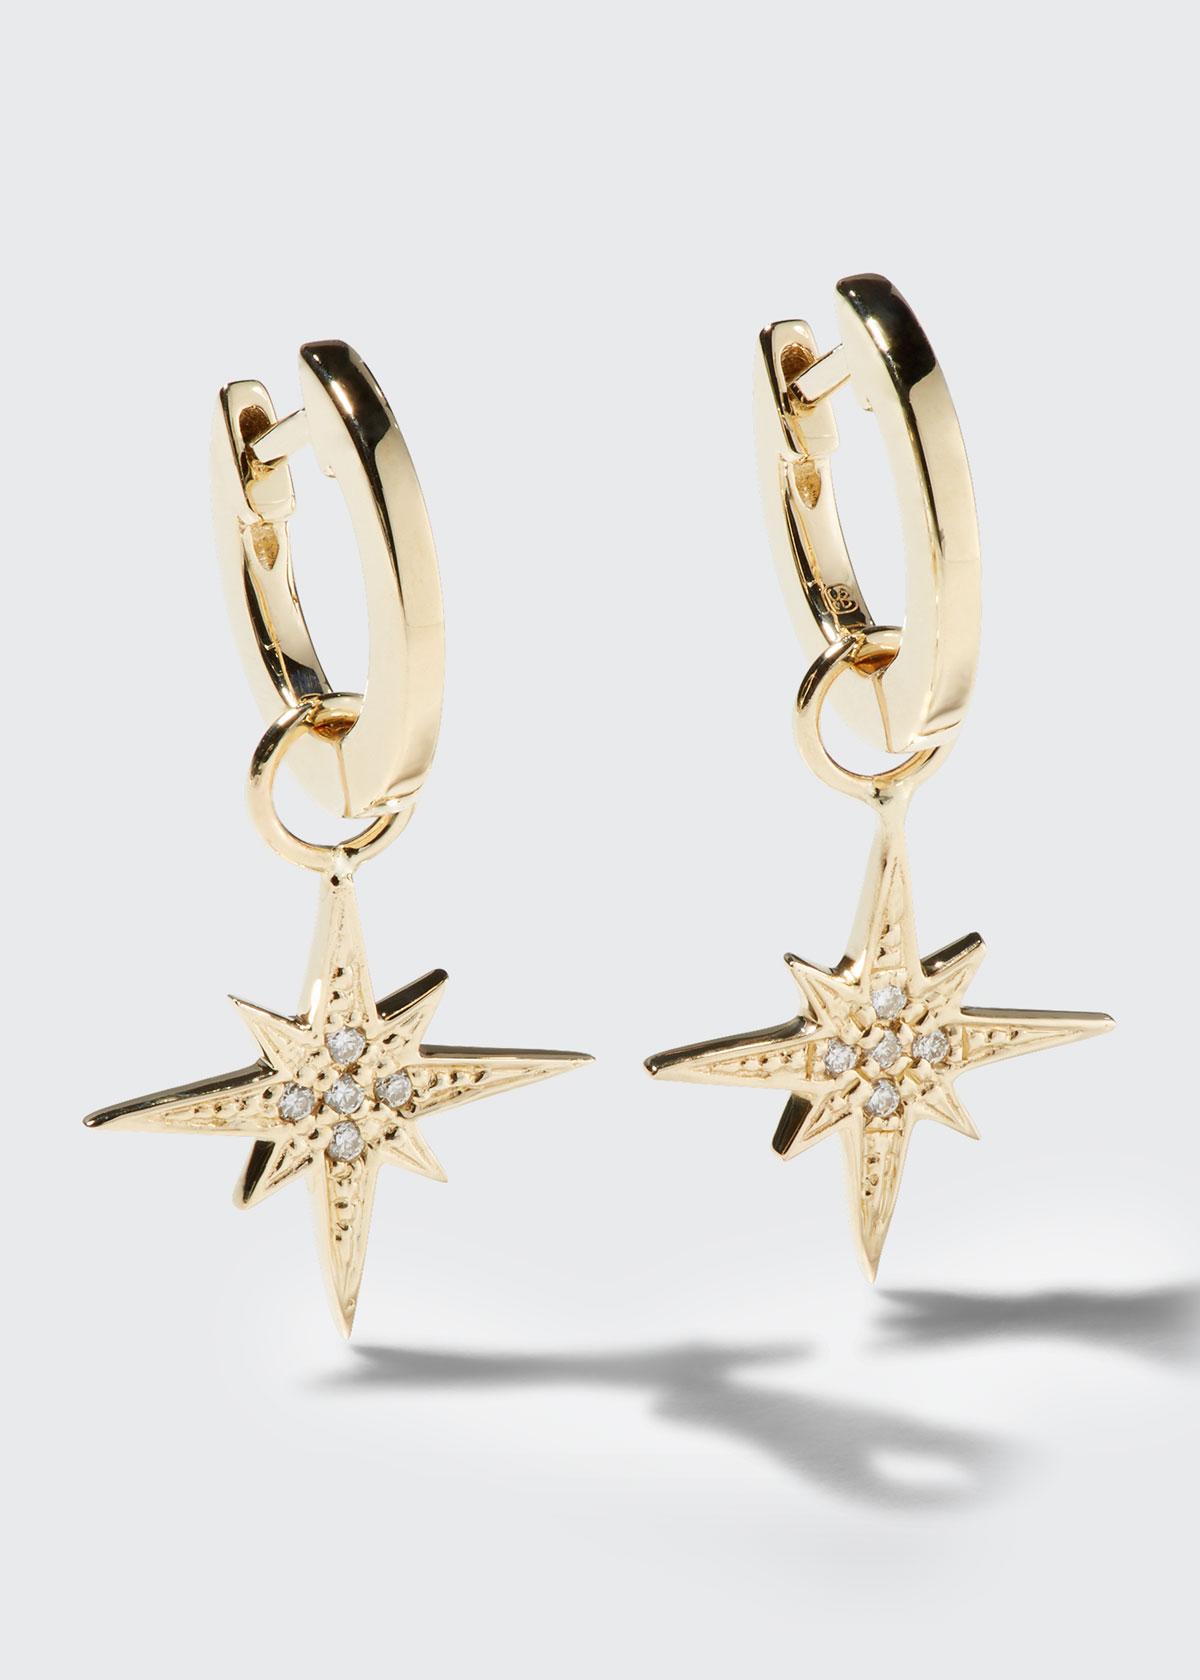 Sydney Evan 14K SMALL DIAMOND STARBURST HOOP EARRINGS